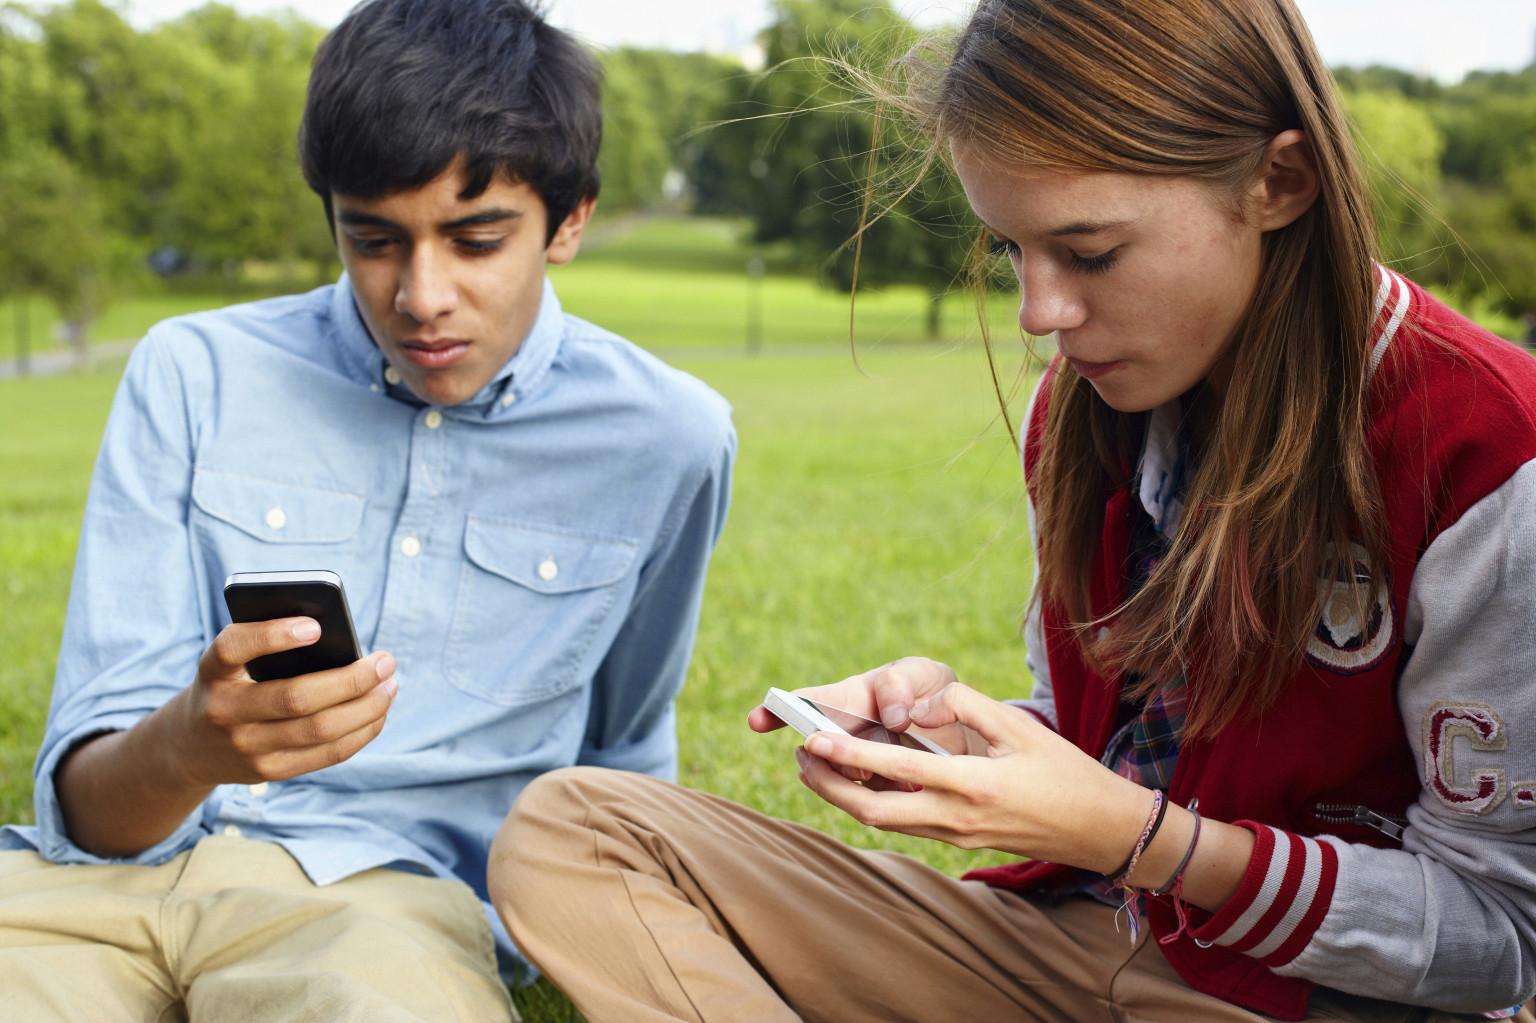 Resultado de imagen de people tweeting